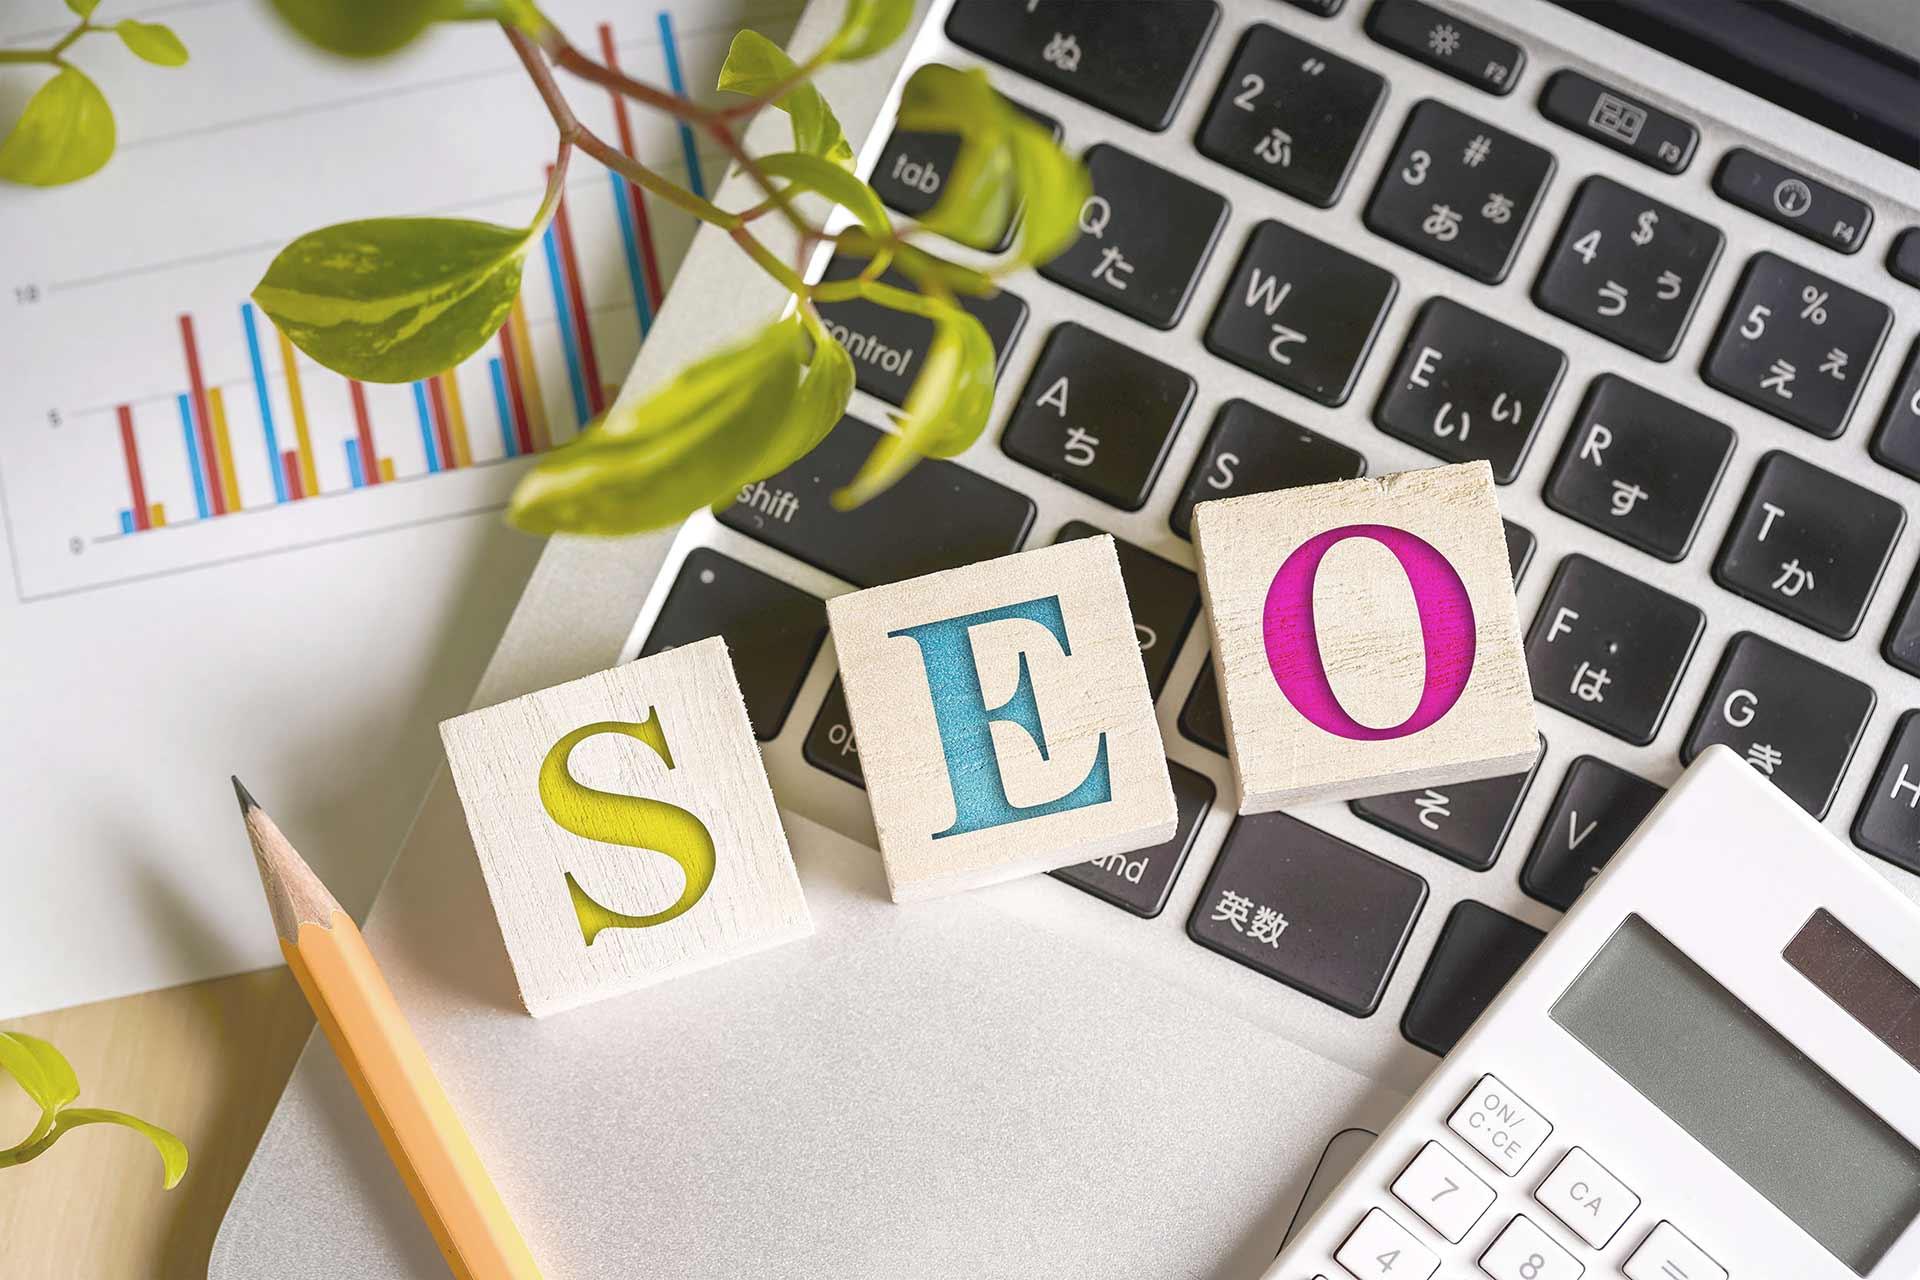 Бесплатный вебинар: SEO продвижение сайта своими руками